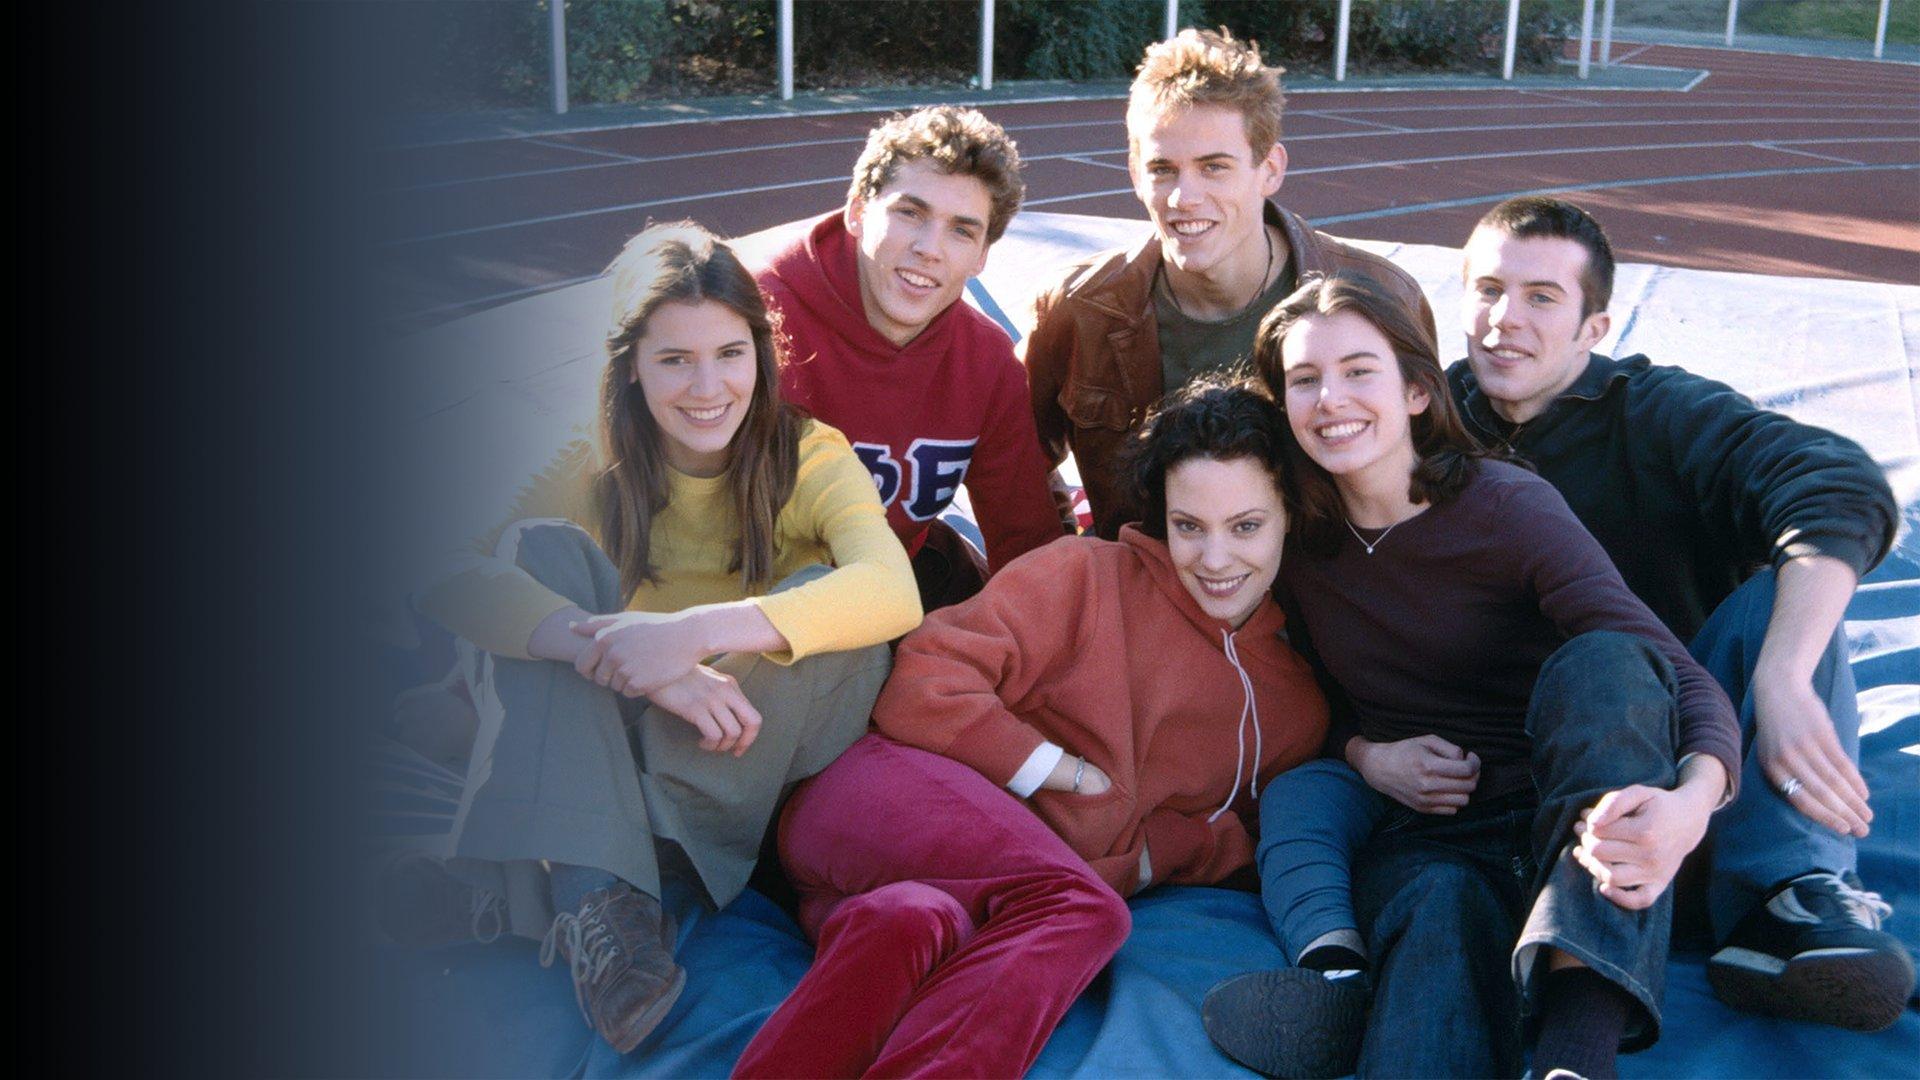 fond La vie devant nous - S01 E28 - Pour le meilleur et pour le pire